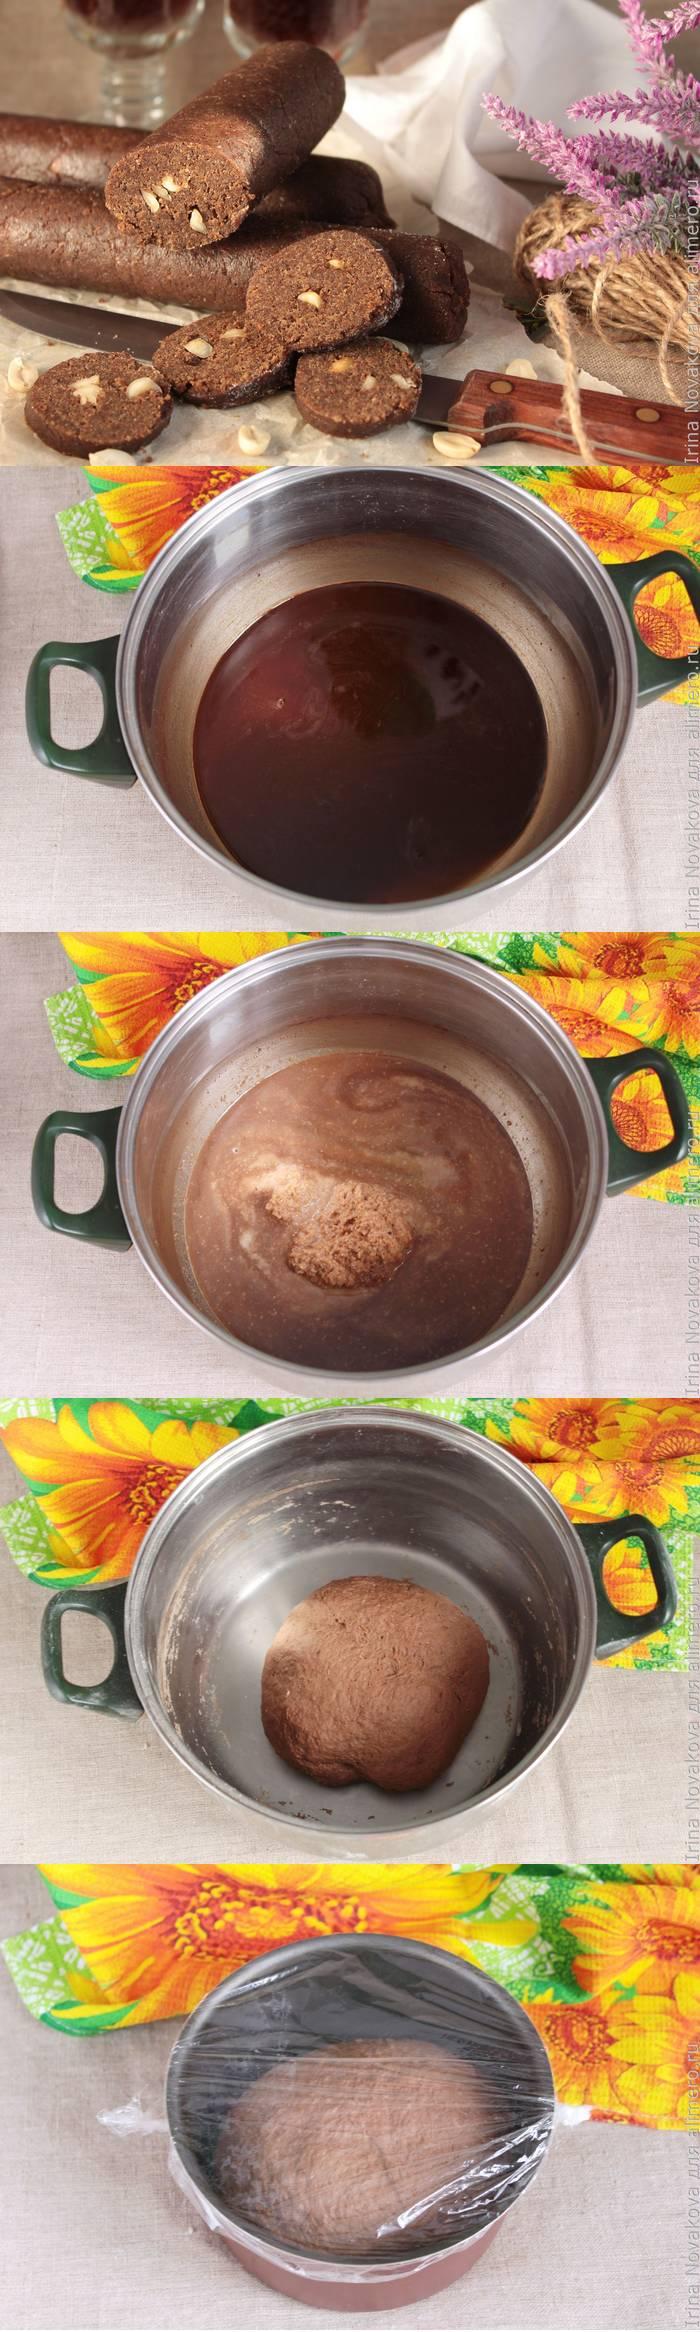 Шоколадная колбаска из домашних кофейных сухариков